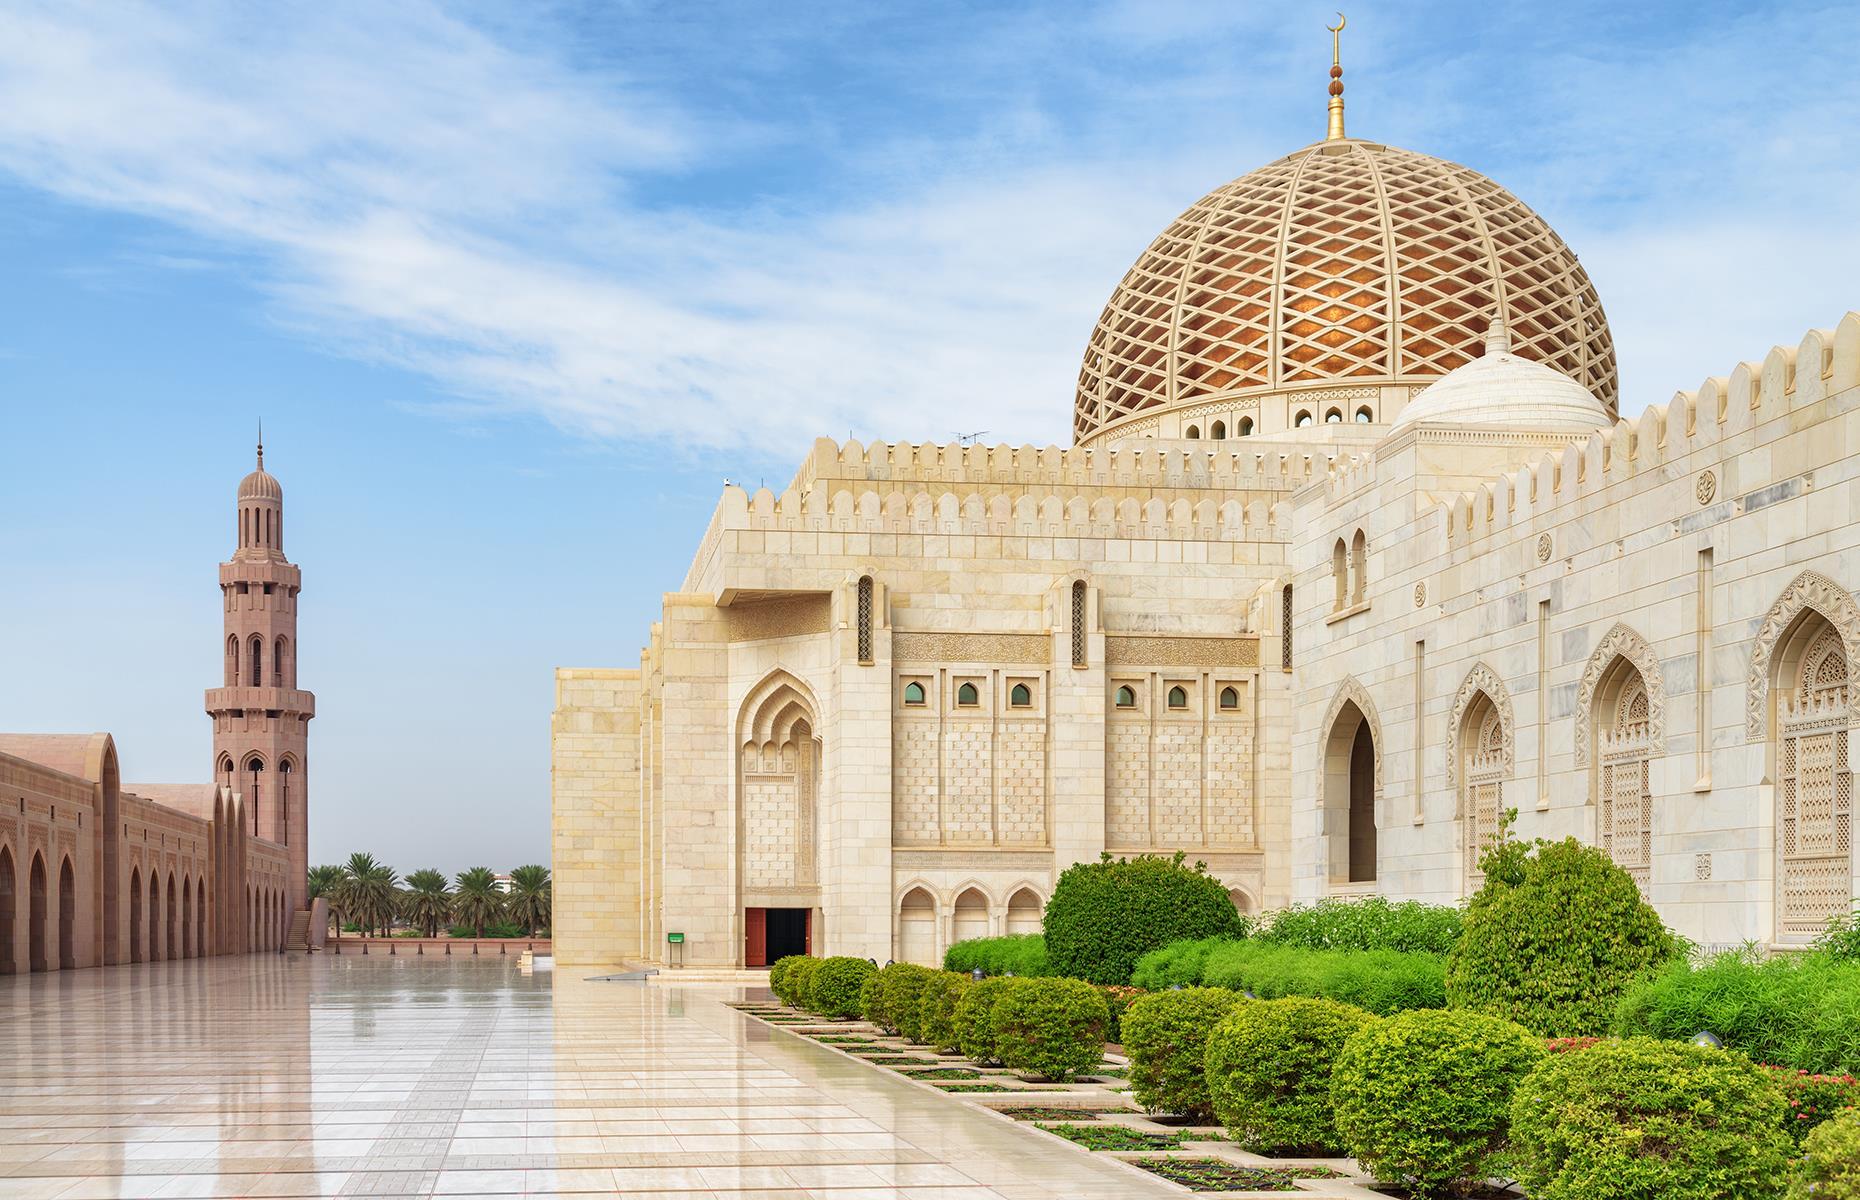 مسجد السلطان قابوس في مدينة مسقط العمانية